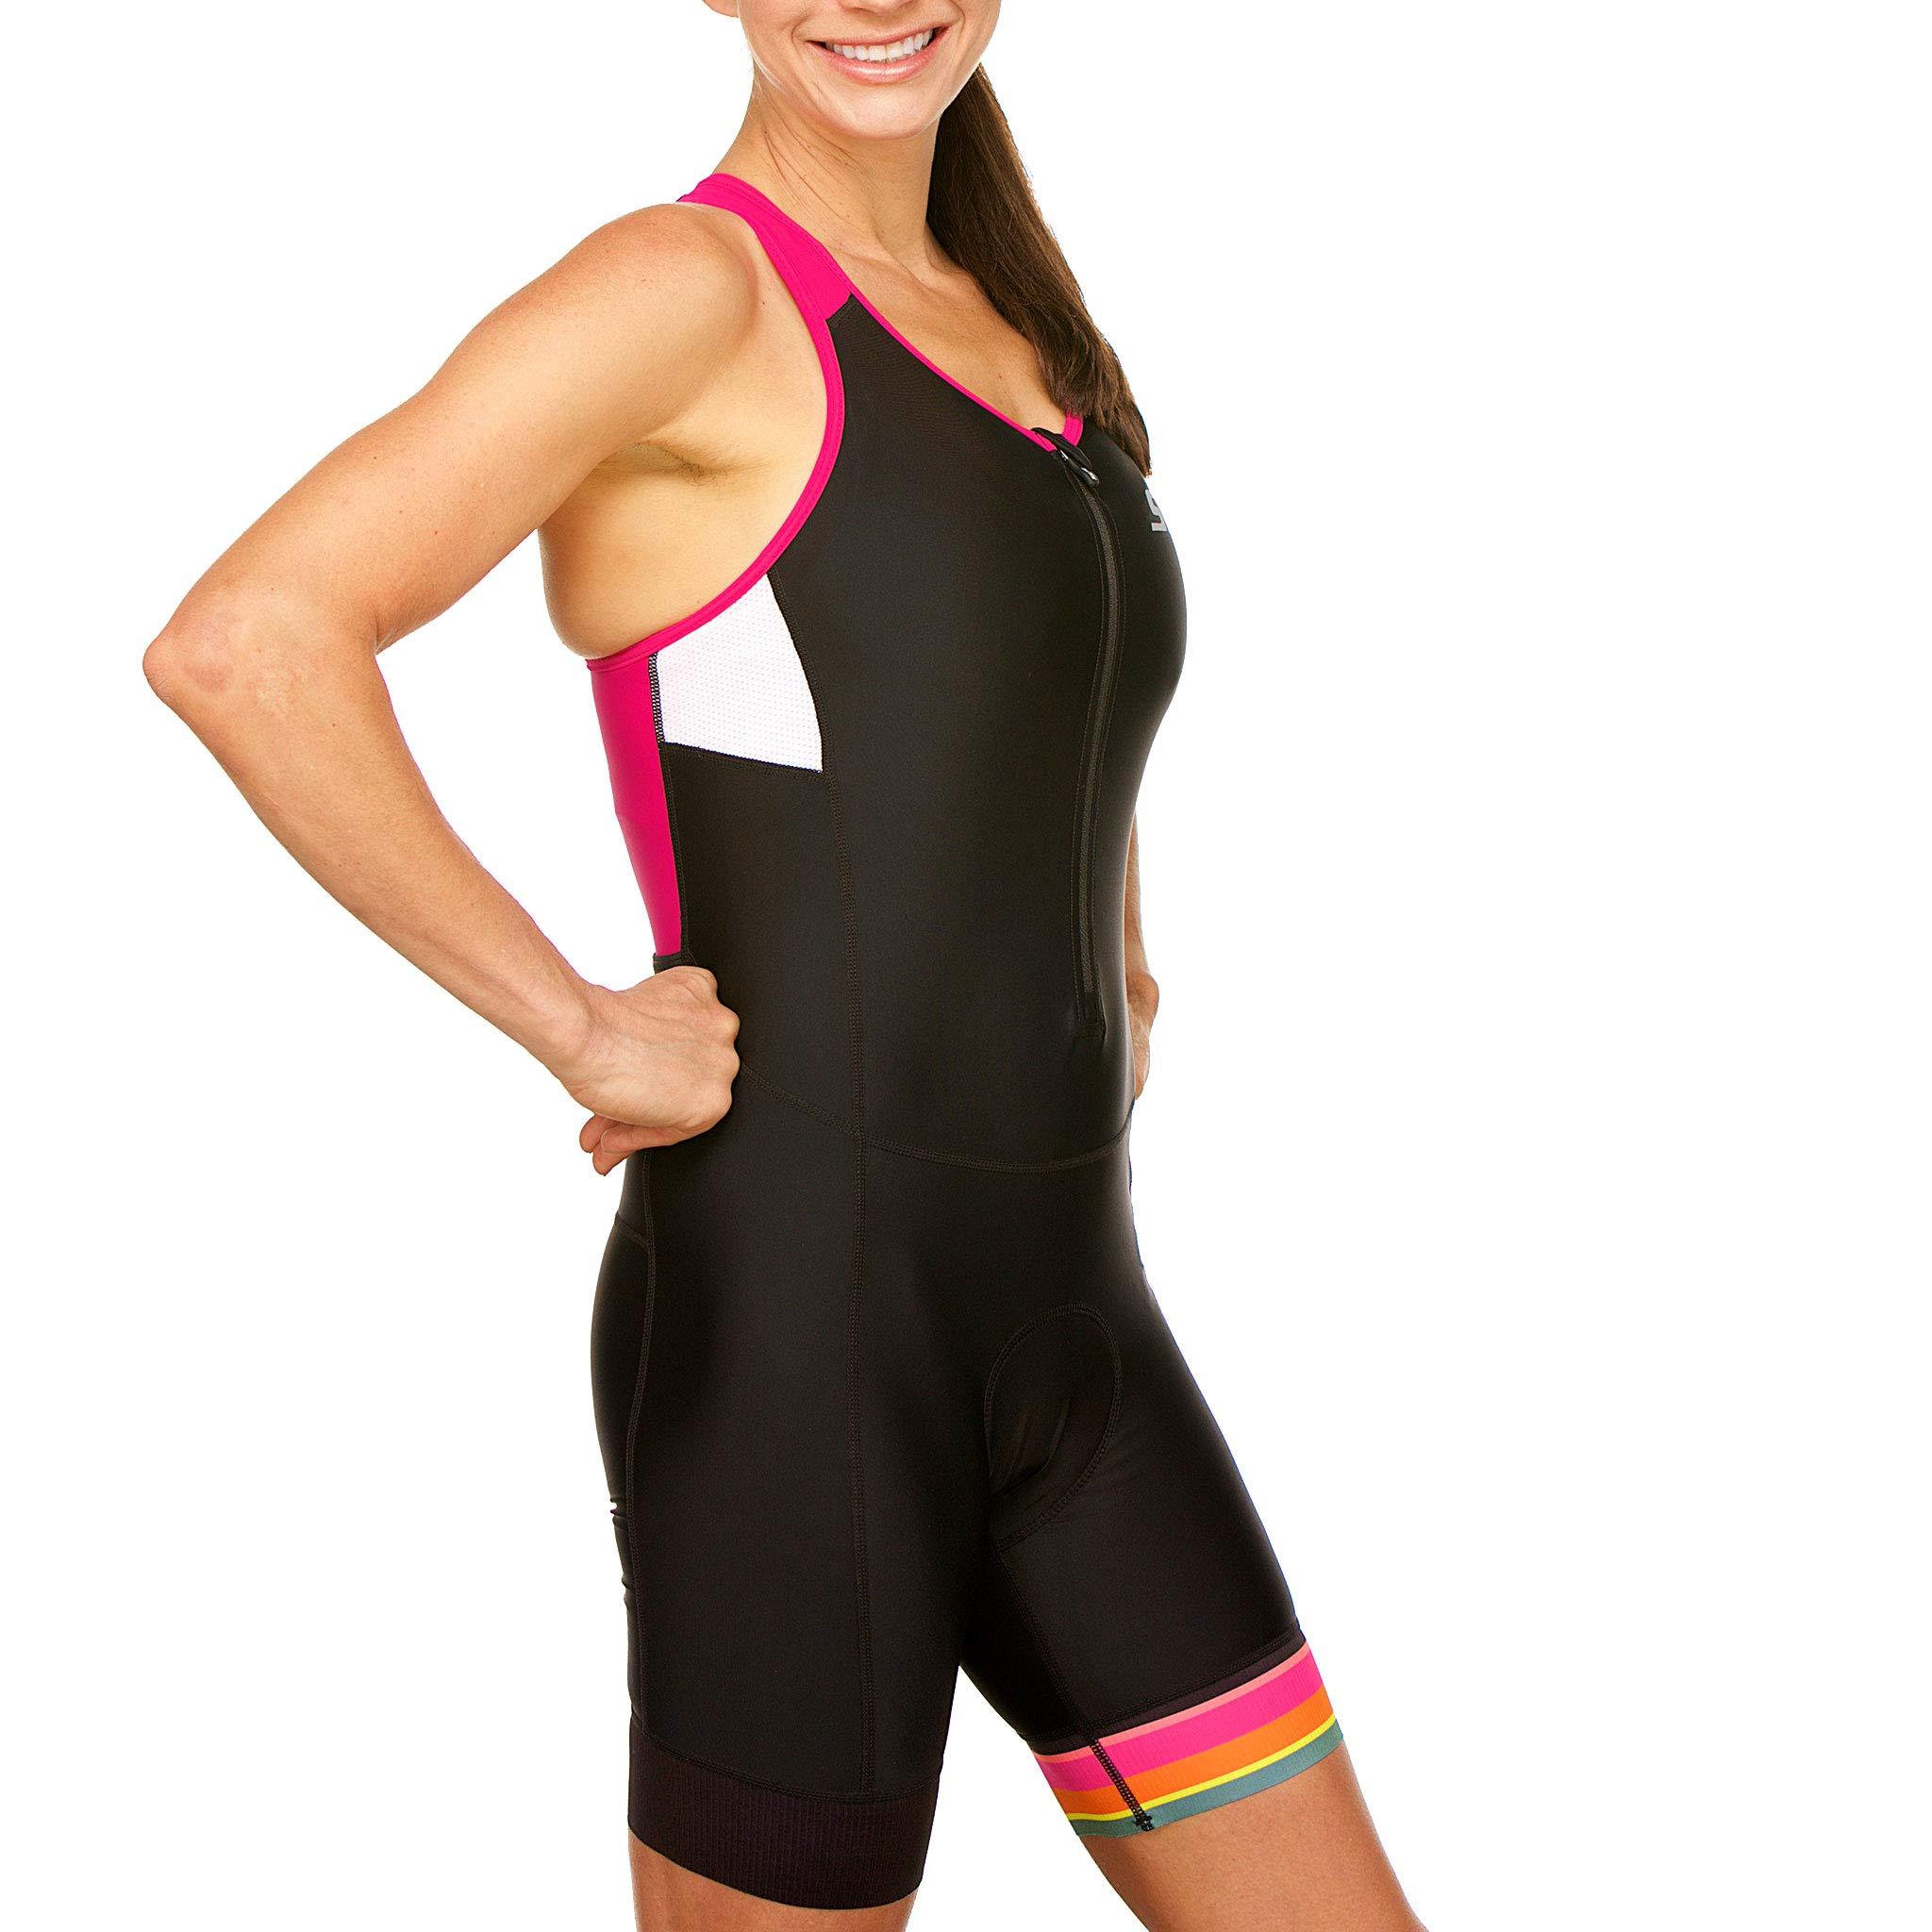 SLS3 Women`s Triathlon Tri Race Suit FRT | Womens Trisuit | Back Pocket Triathlon Suits | Anti-Friction Seams | German Designed (Black/Bright Rose, L) by SLS3 (Image #6)